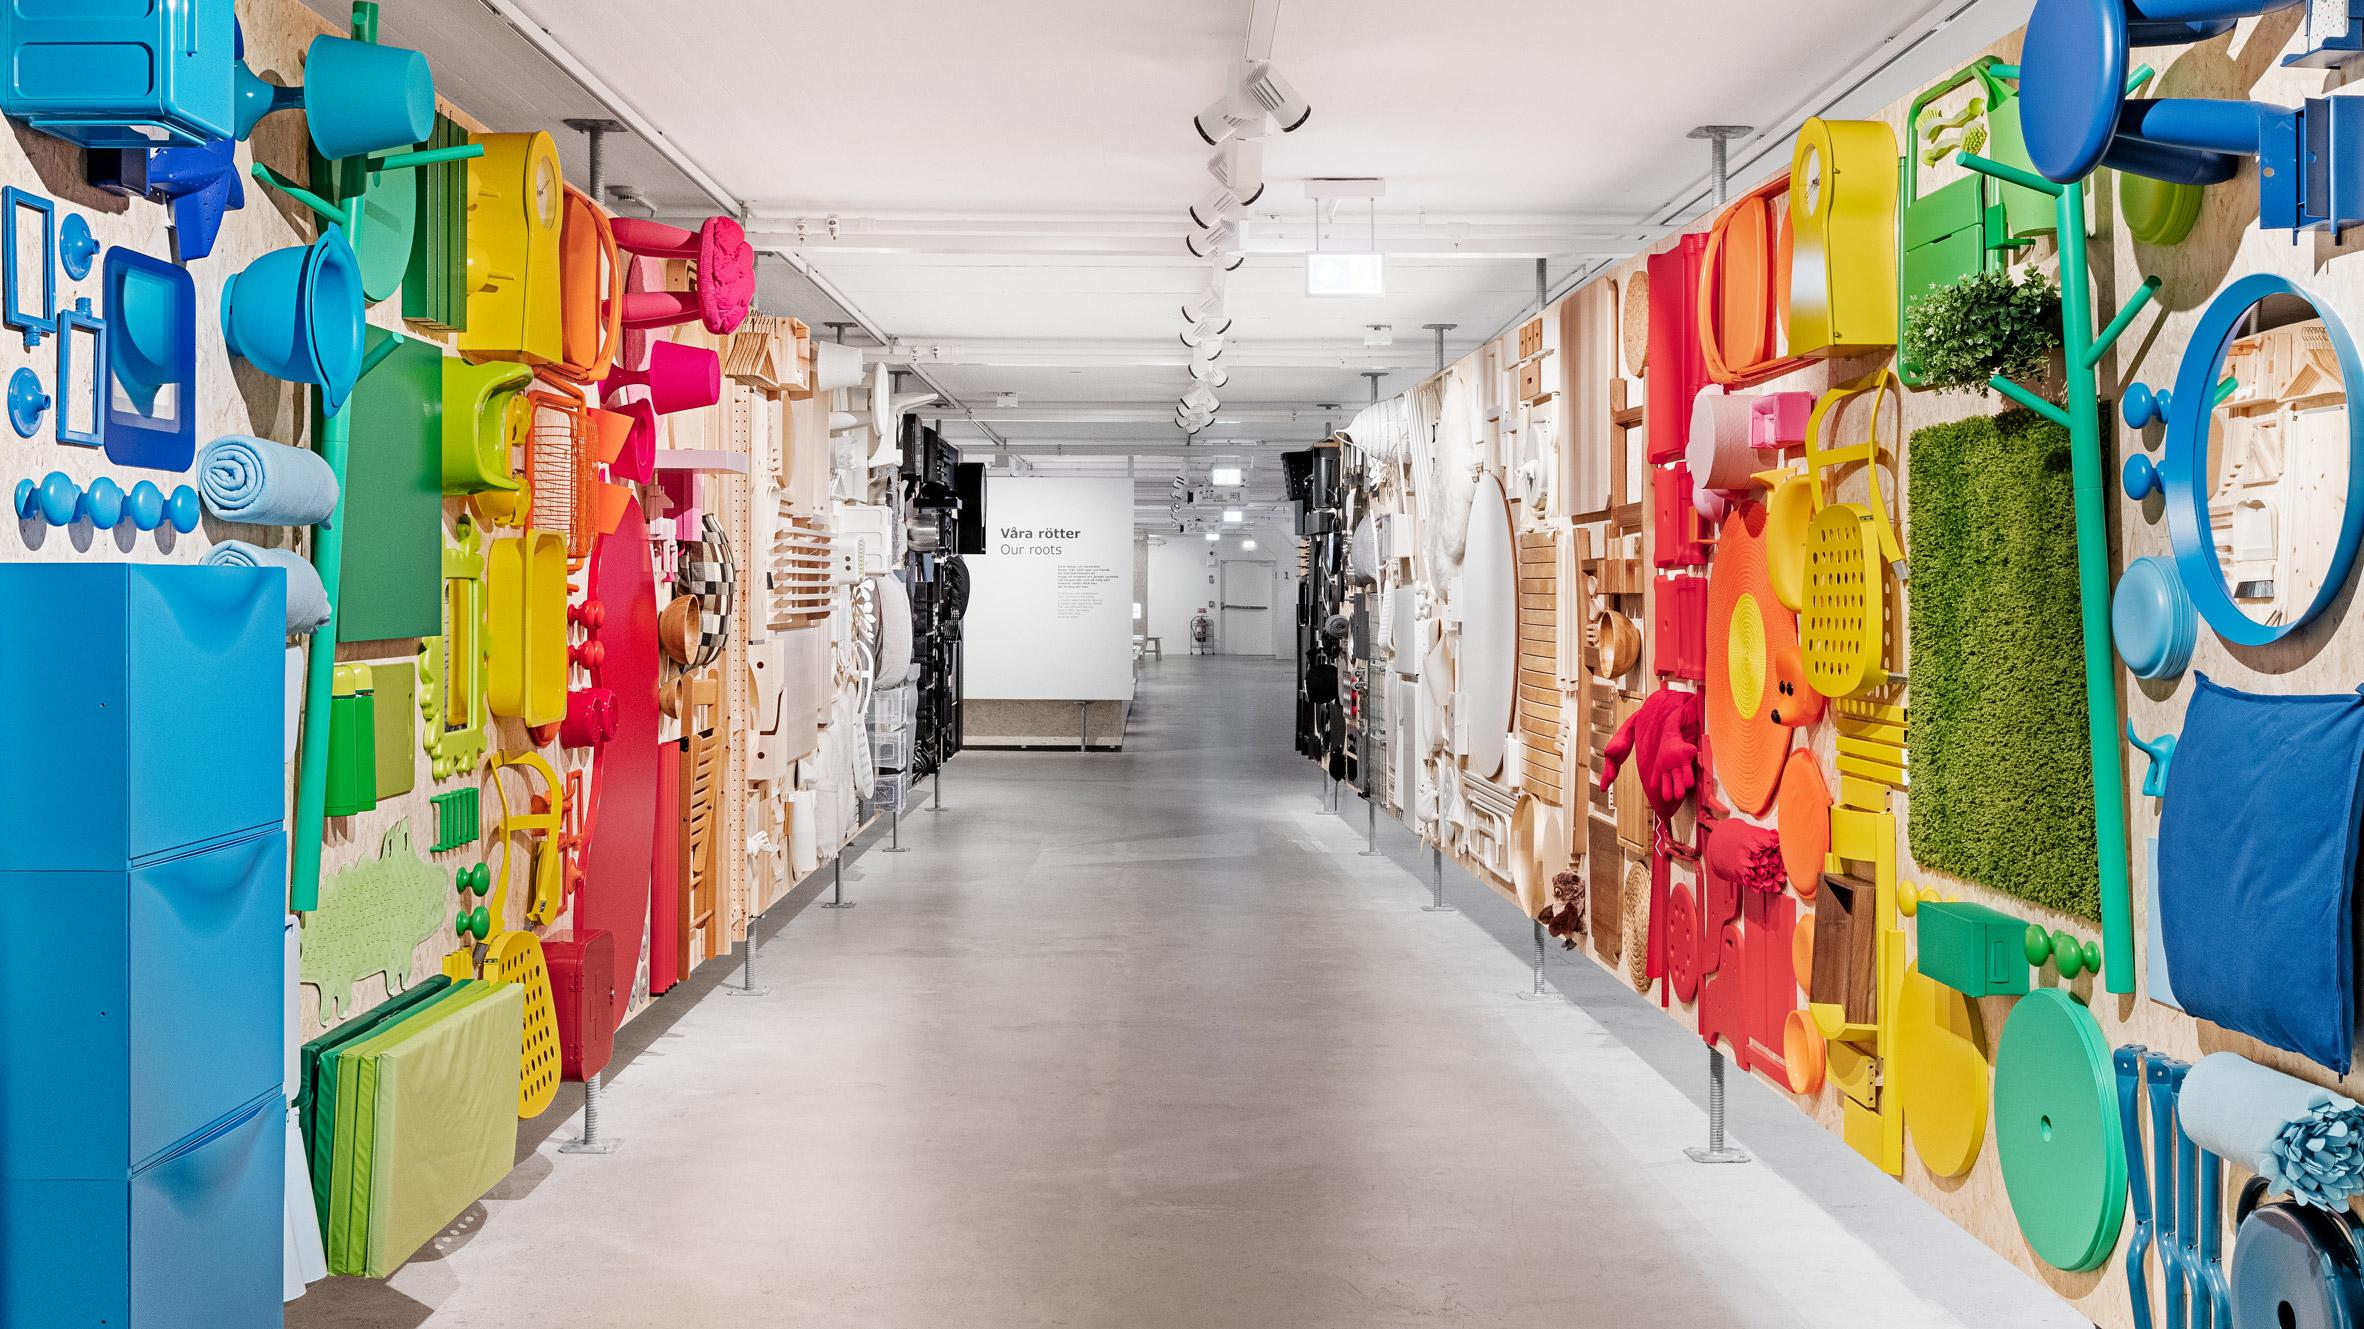 ikea-museum-form-us-with-love-museum-interiors-sweden_dezeen_2364_hero